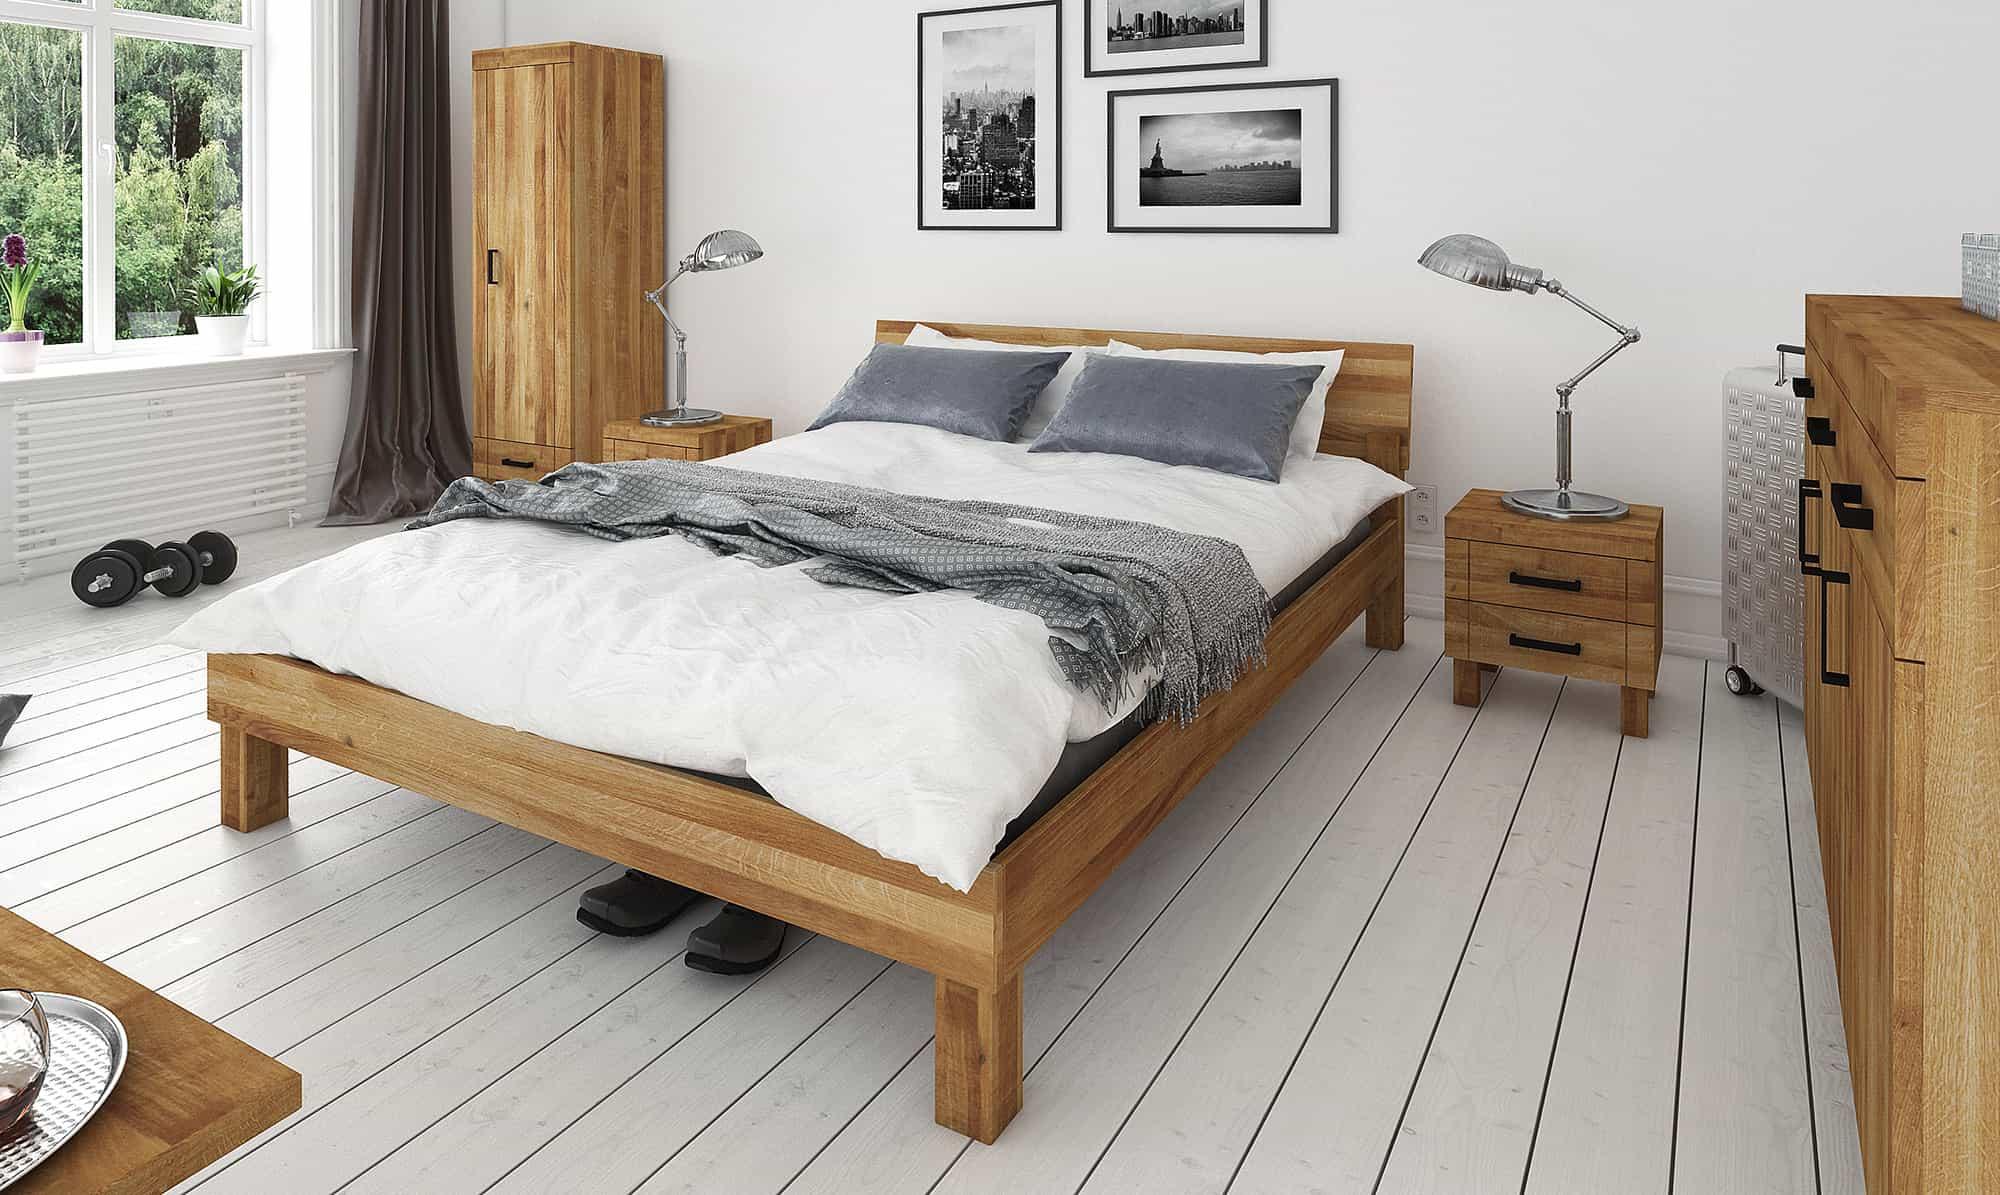 Zdjęcie 1 - Kolekcja BINGO do sypialni